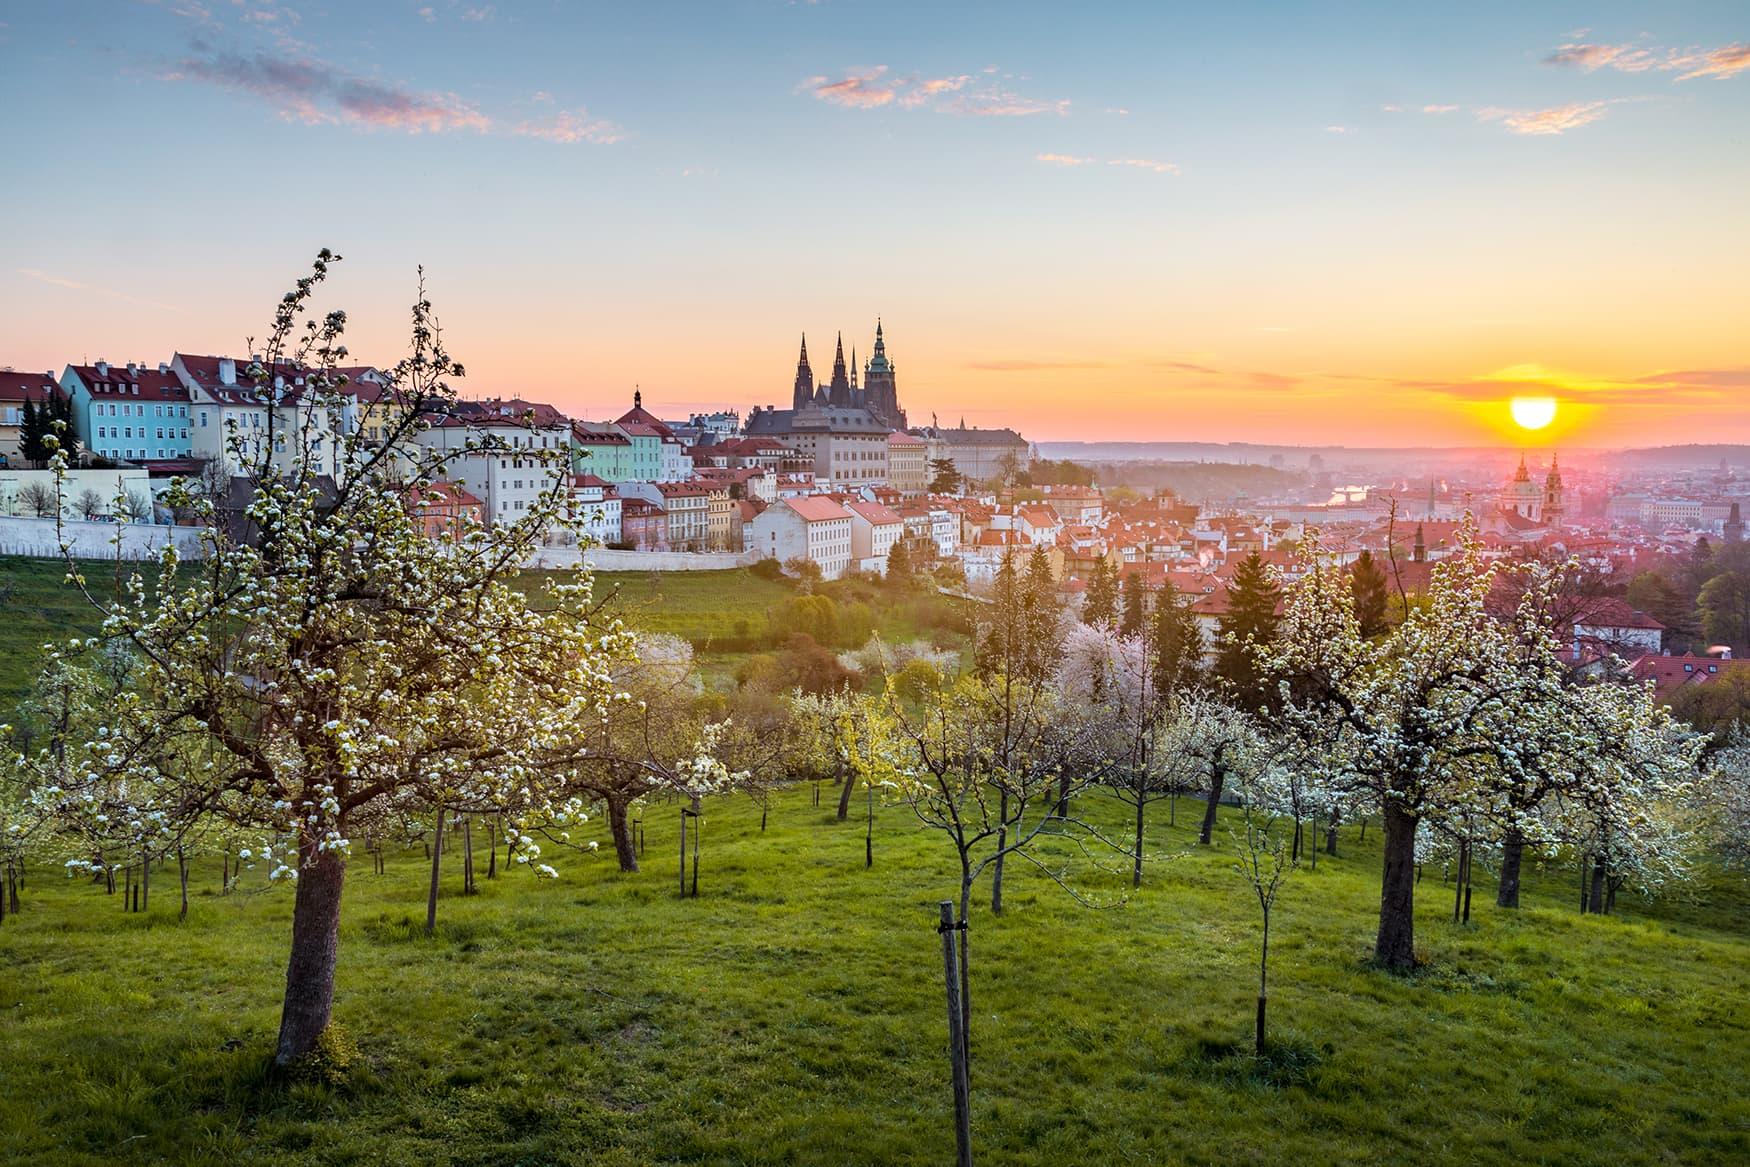 Blick auf die Prager Burg bei Sonnenuntergang